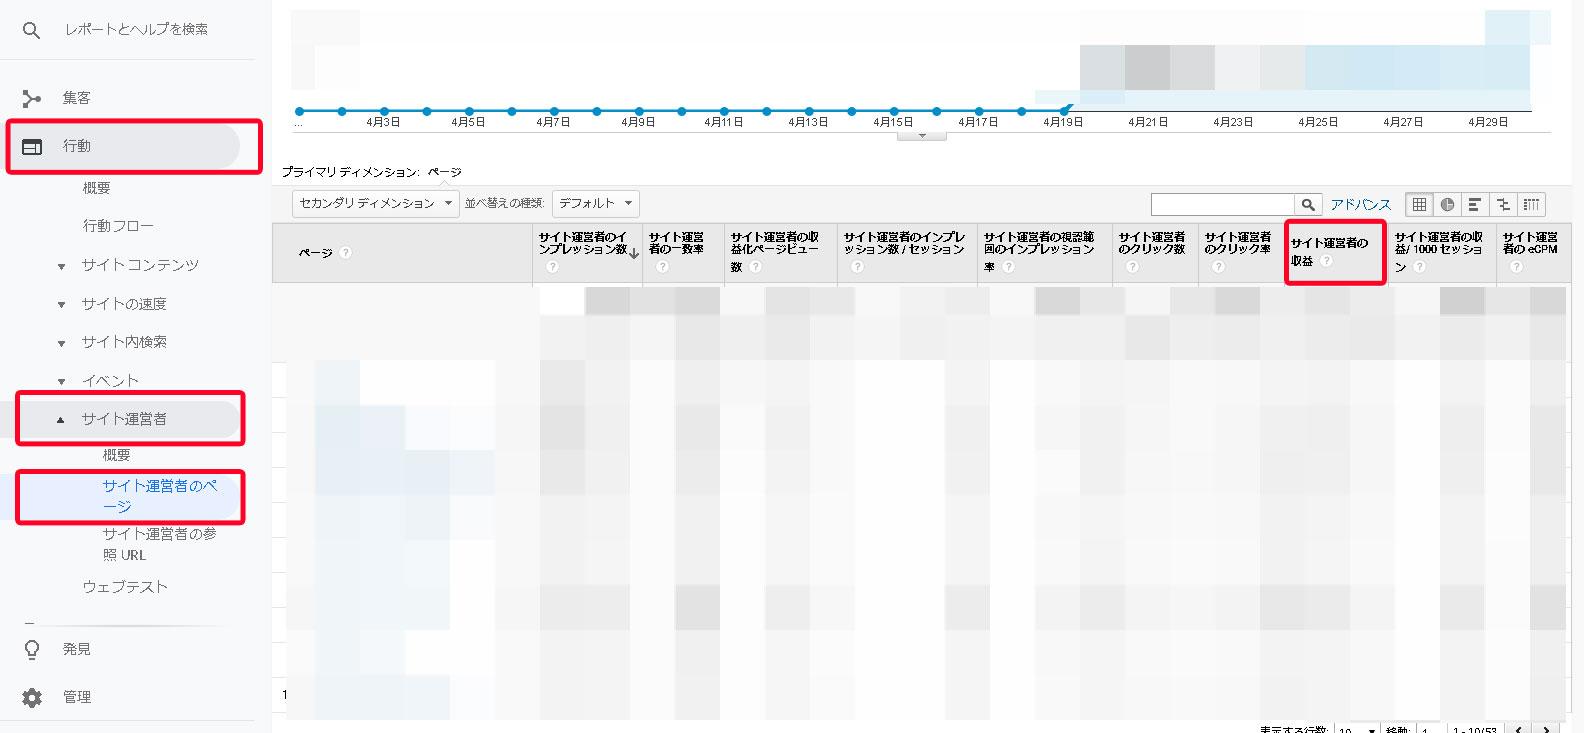 アナリティクス管理画面からページごとのアドセンス収益を確認